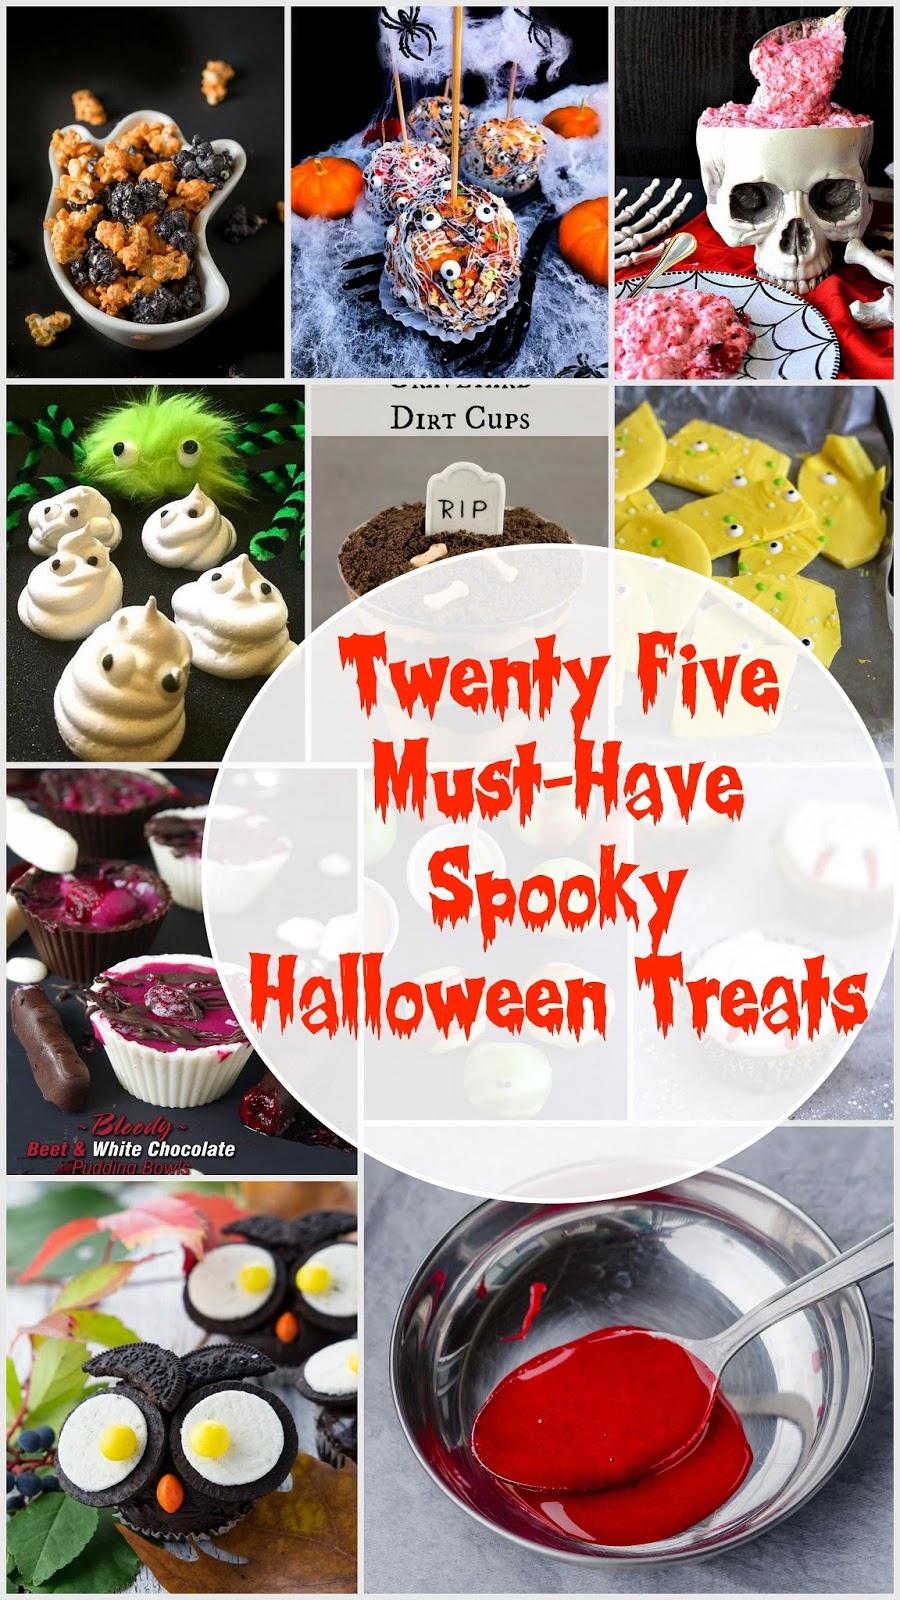 Herbivore Cucina: 25+ Must-Have Spooky Halloween Treats